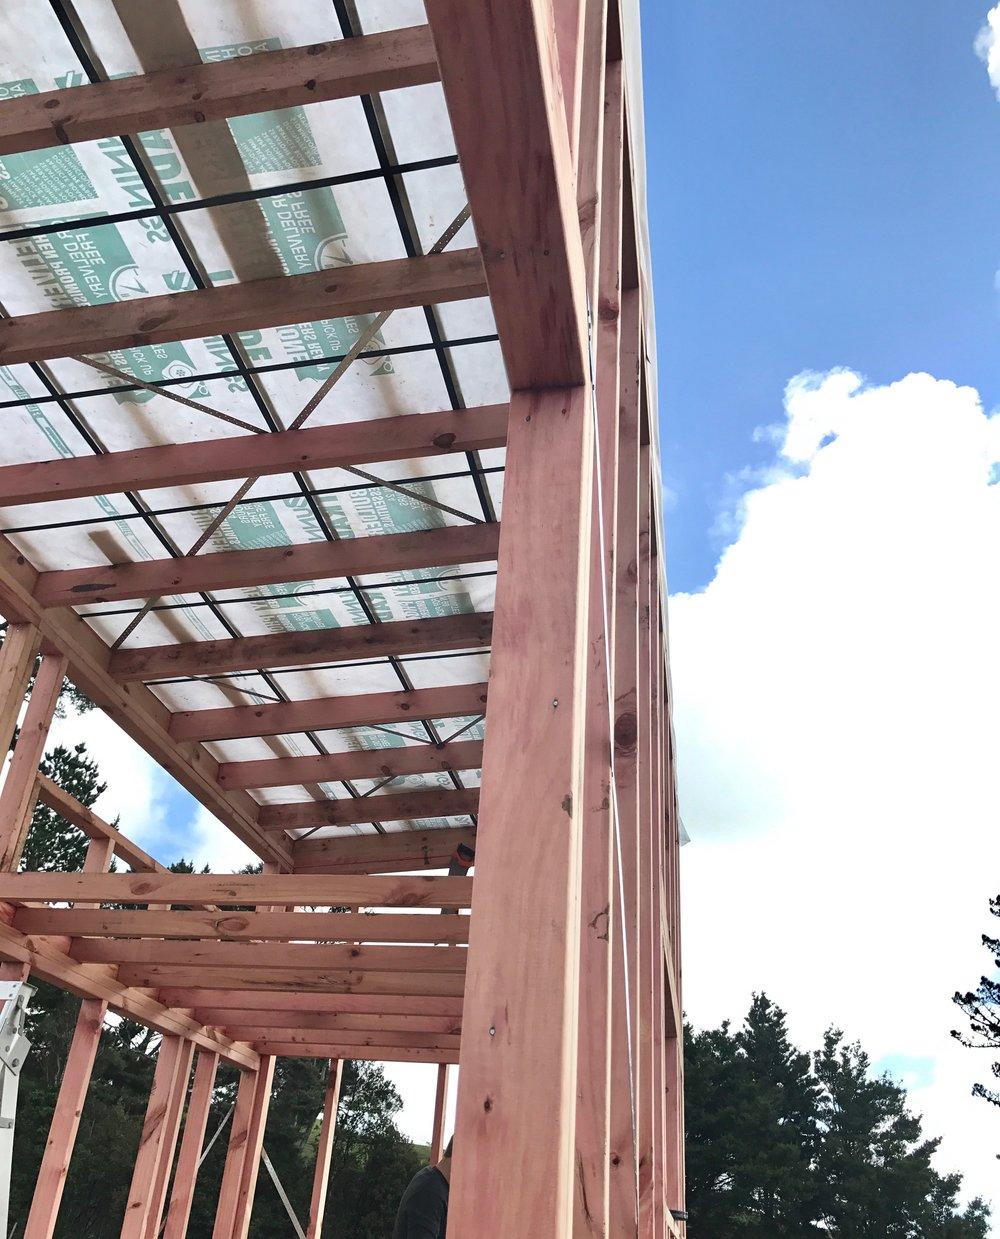 tinyhouse-loft.jpg